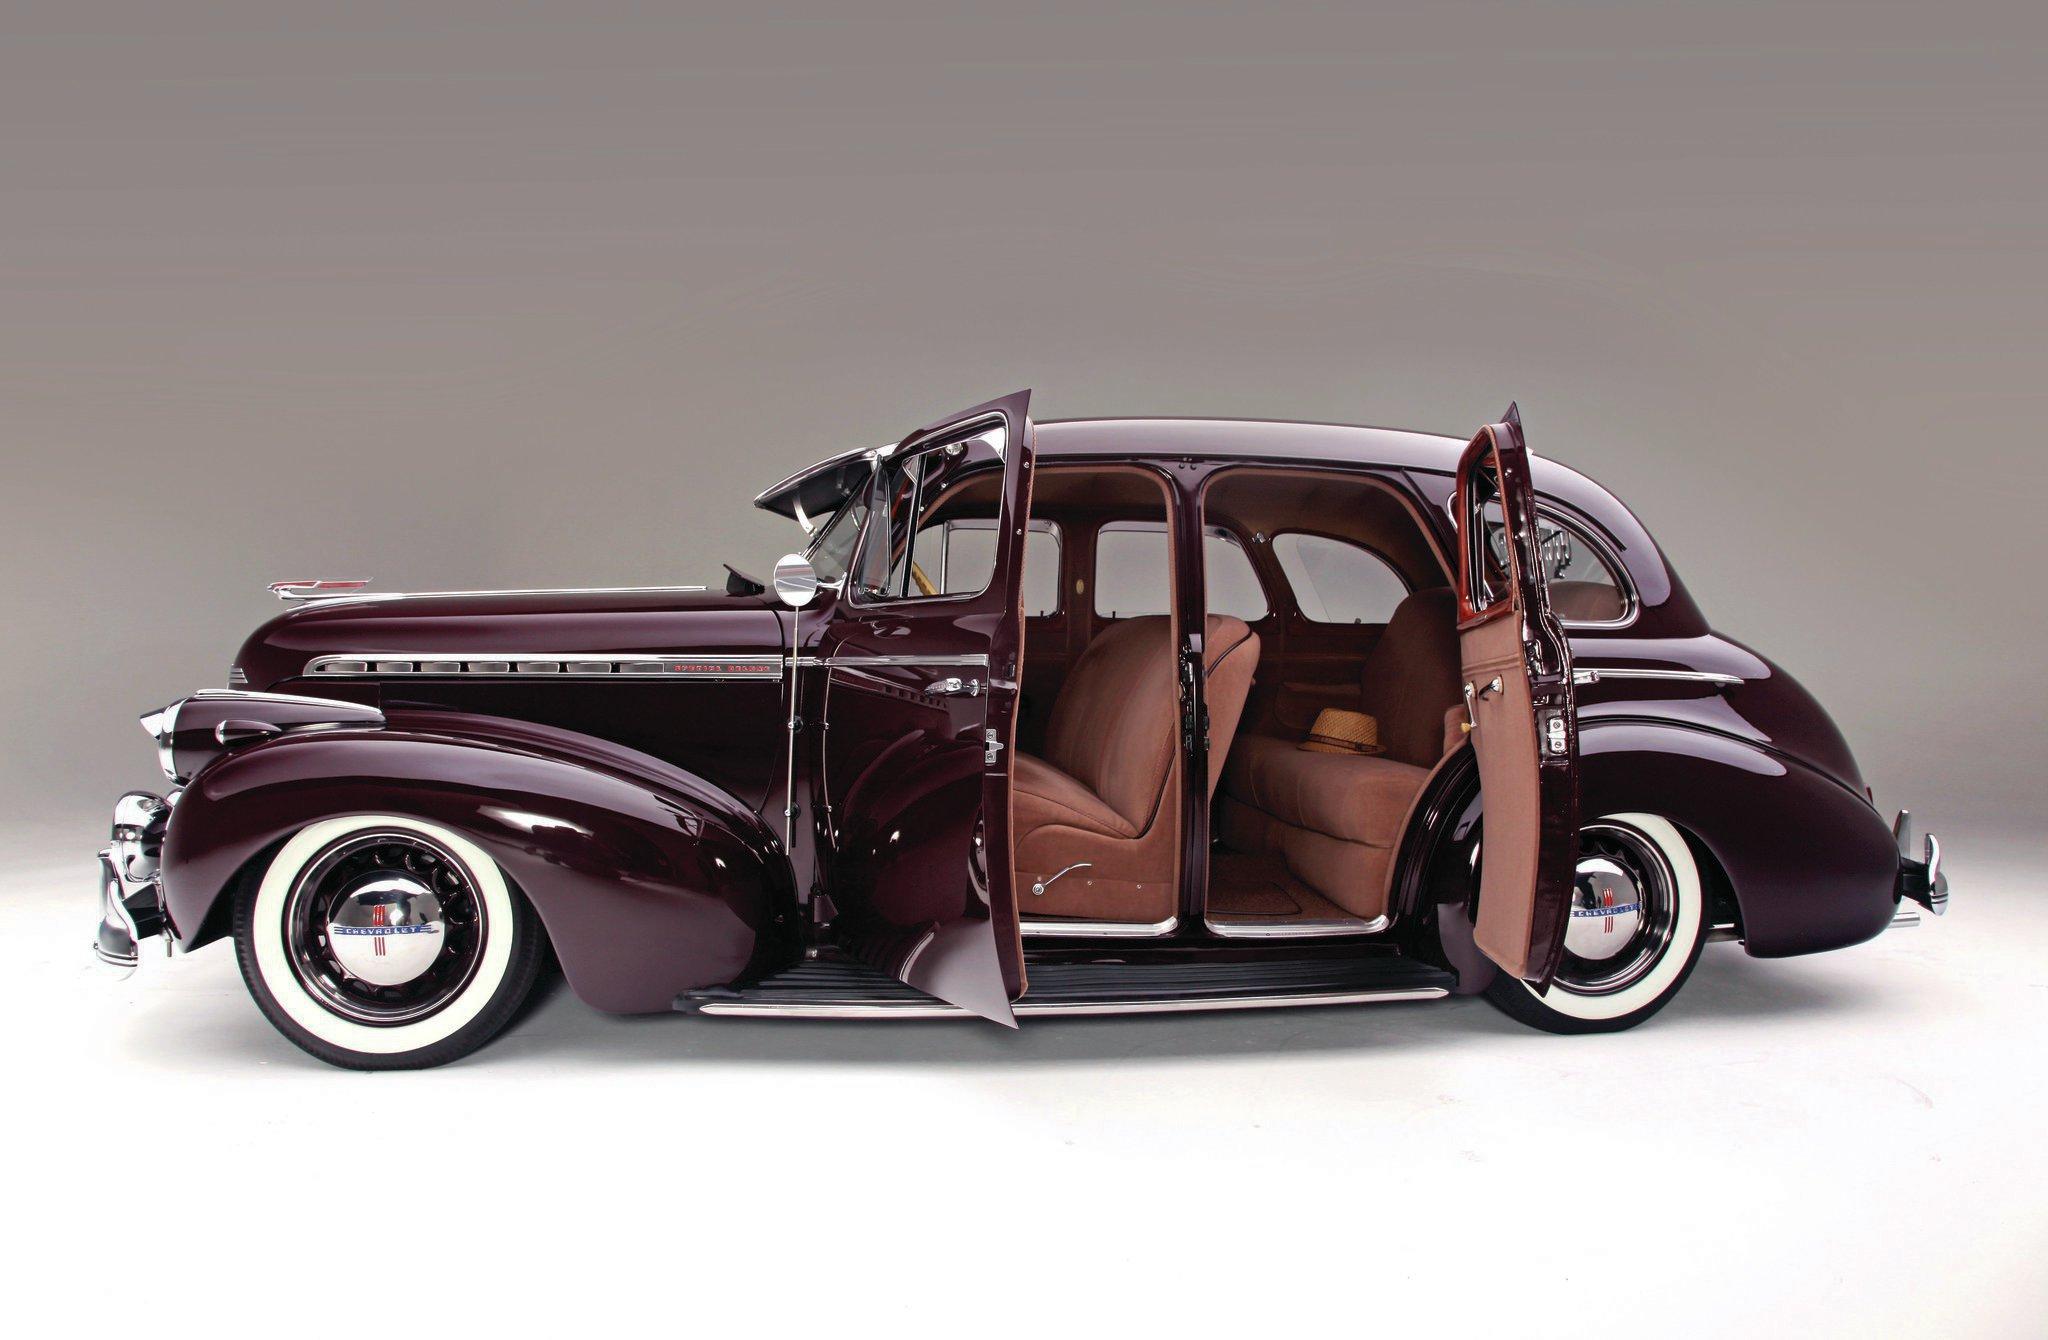 1940 Chevrolet Special Deluxe El Bandolero